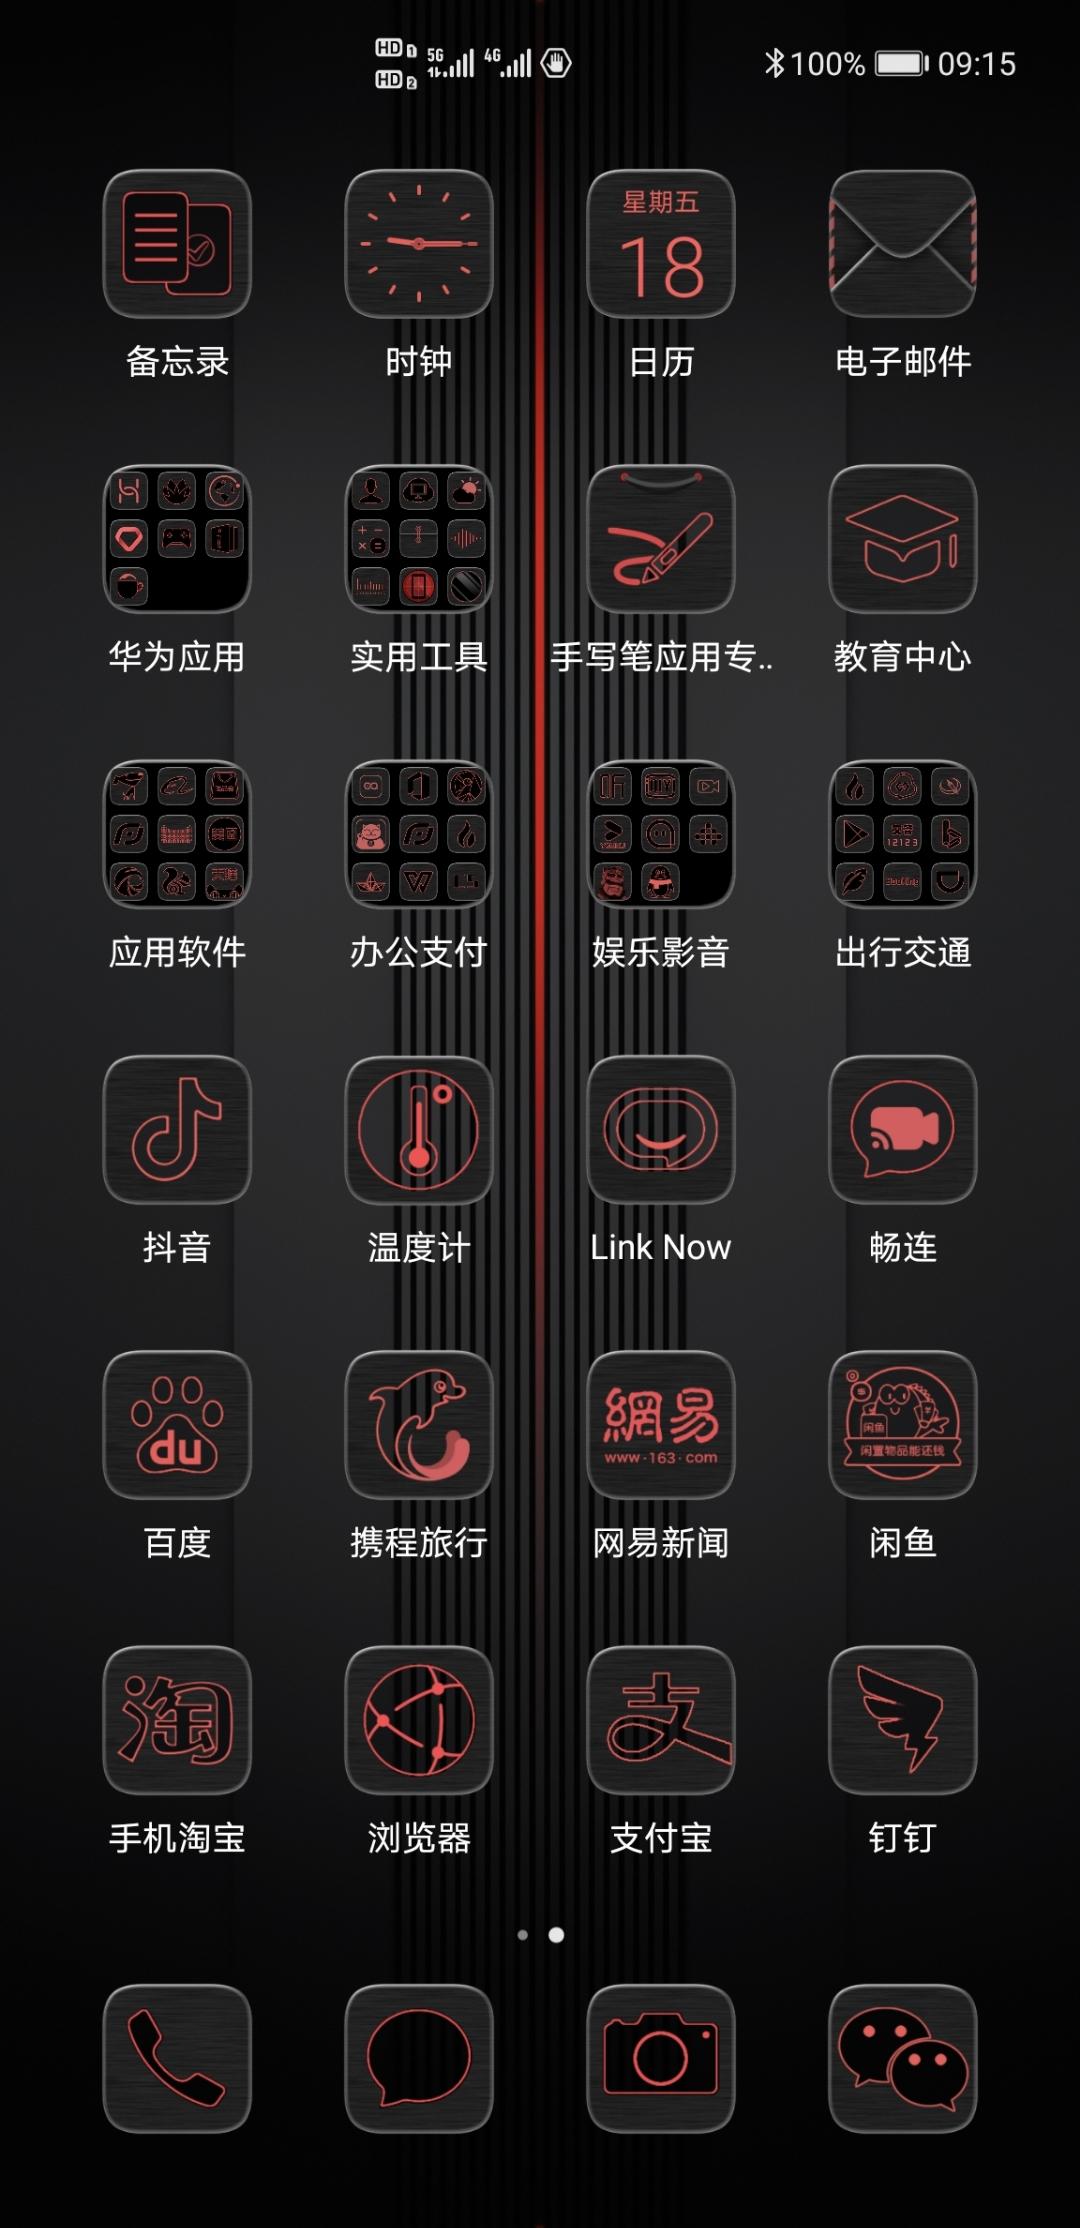 Screenshot_20201218_091516_com.huawei.android.launcher.jpg